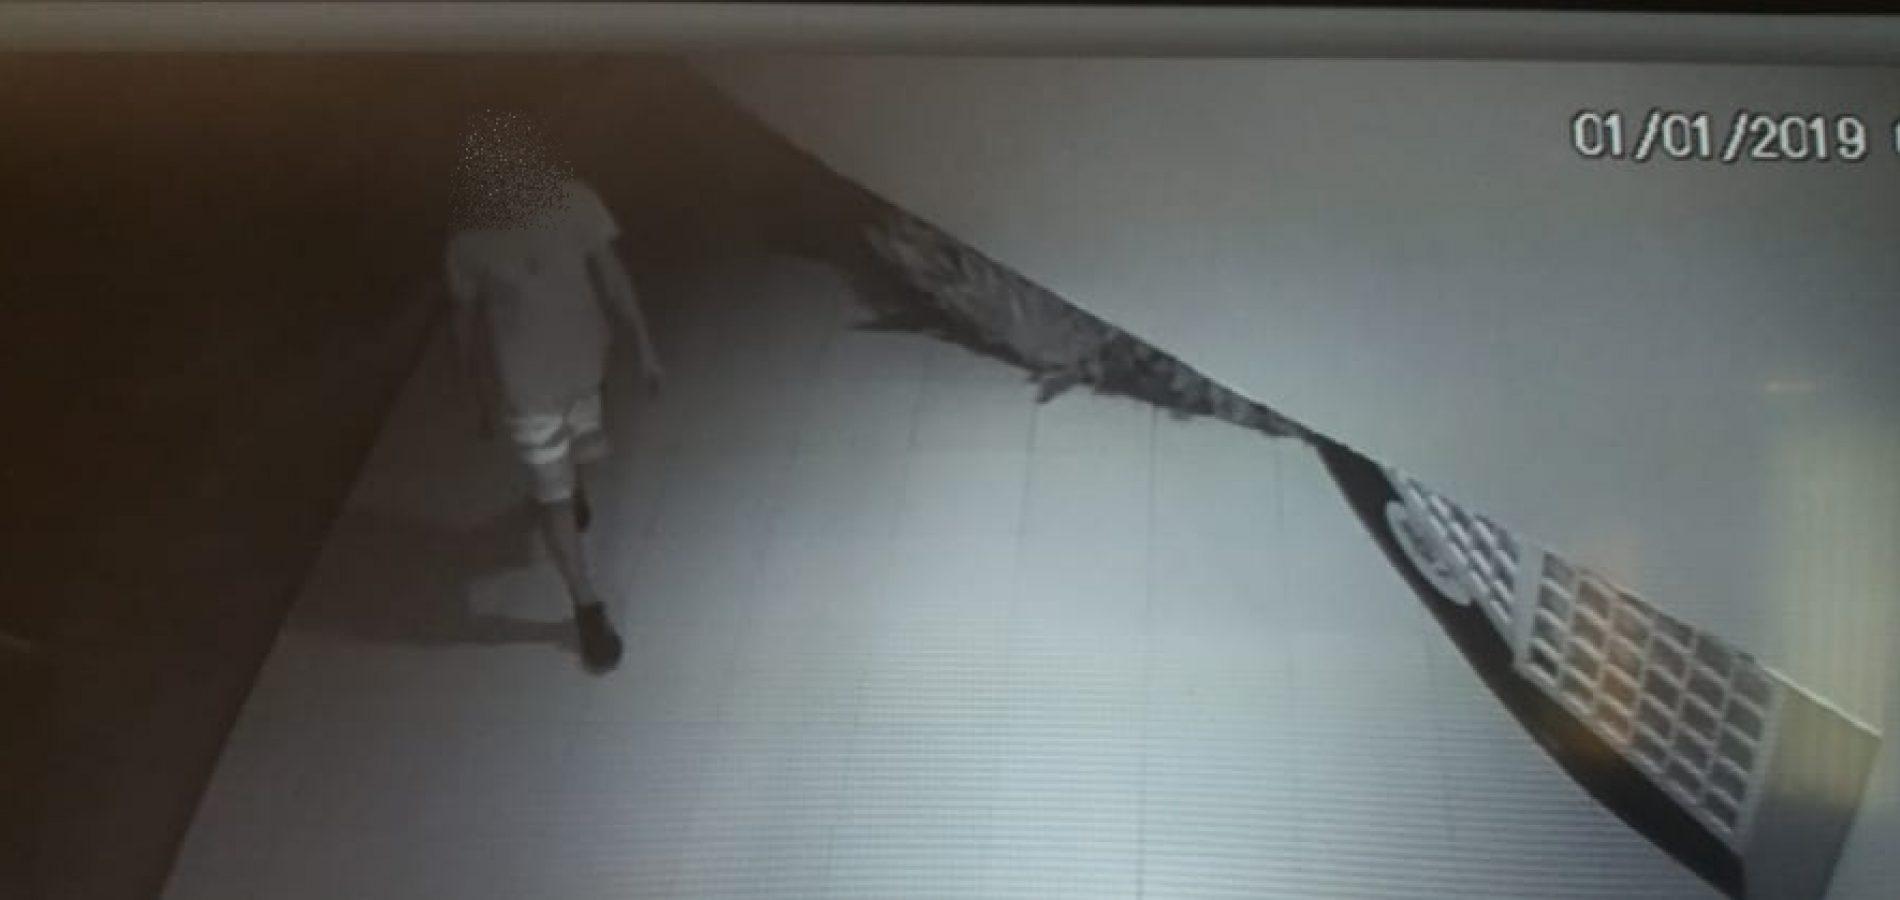 Bandido arromba e furta comércio no Centro de Jaicós; câmeras flagram a ação. Veja vídeo!